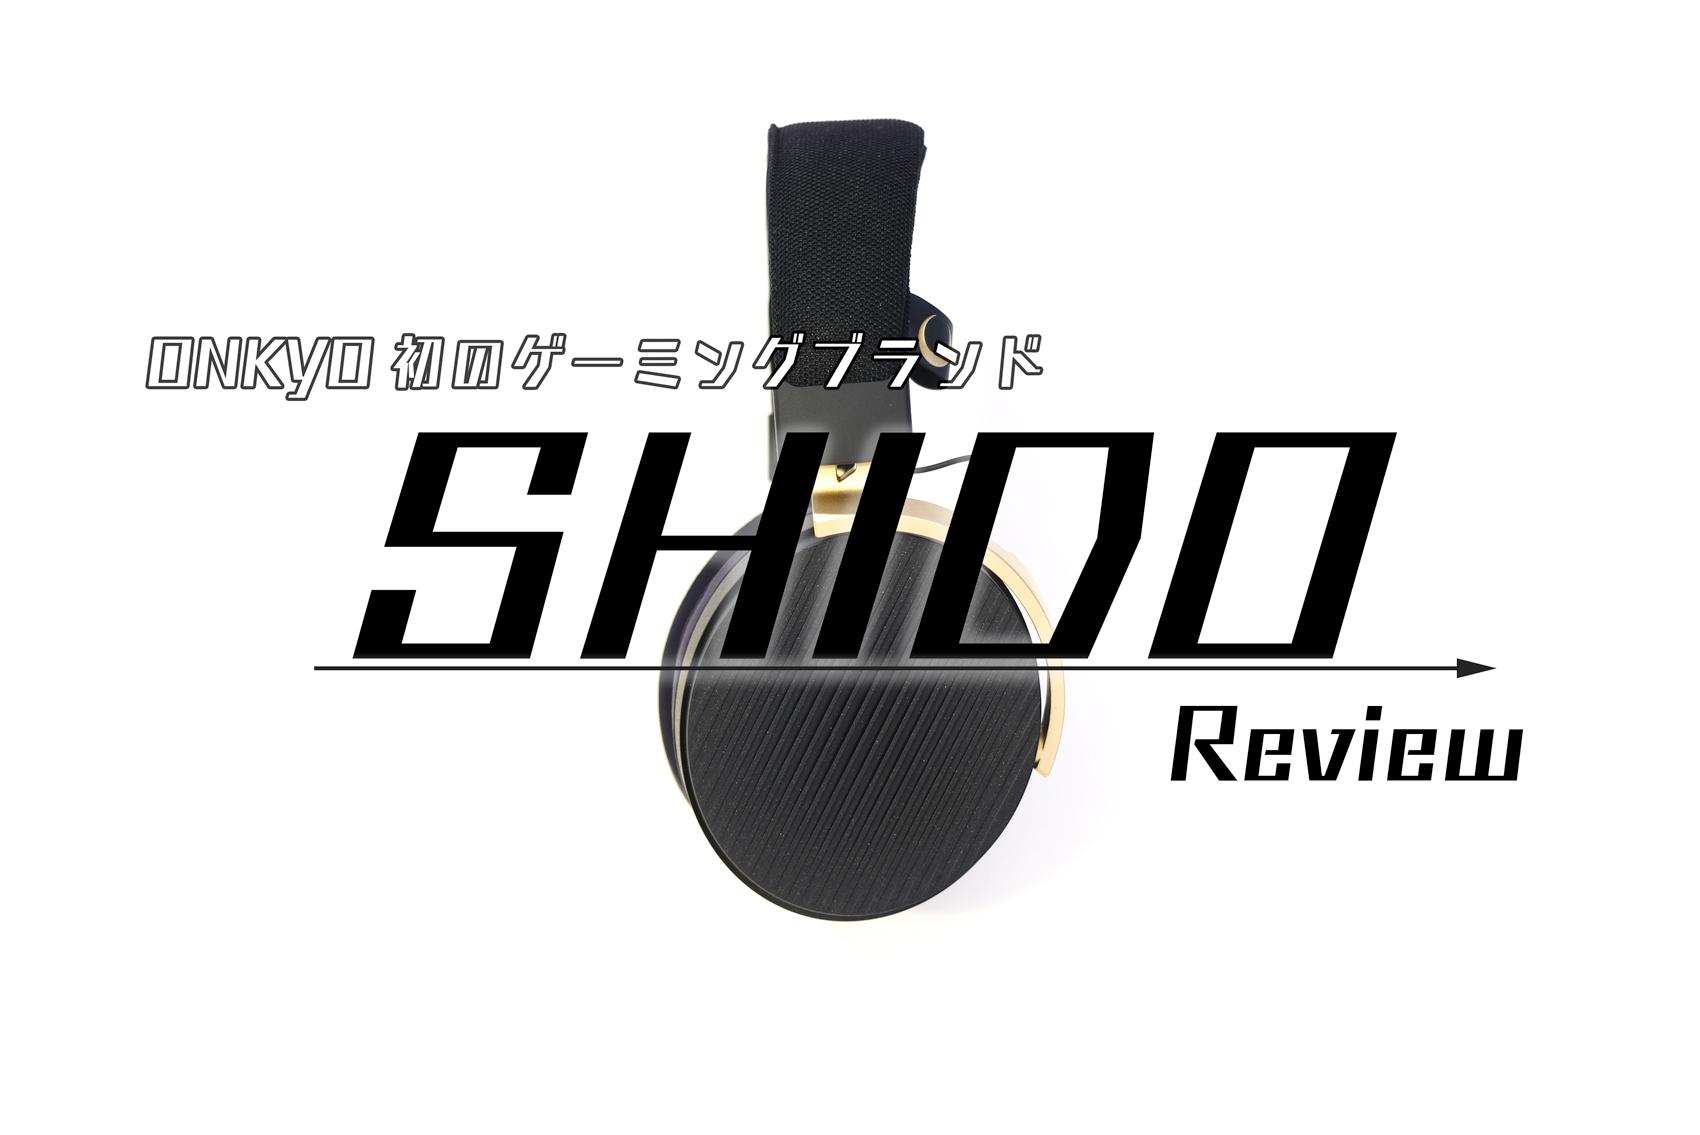 オンキヨー初のゲーミングデバイス「SHIDO:001」と「SHIDO:002」をレビュー!